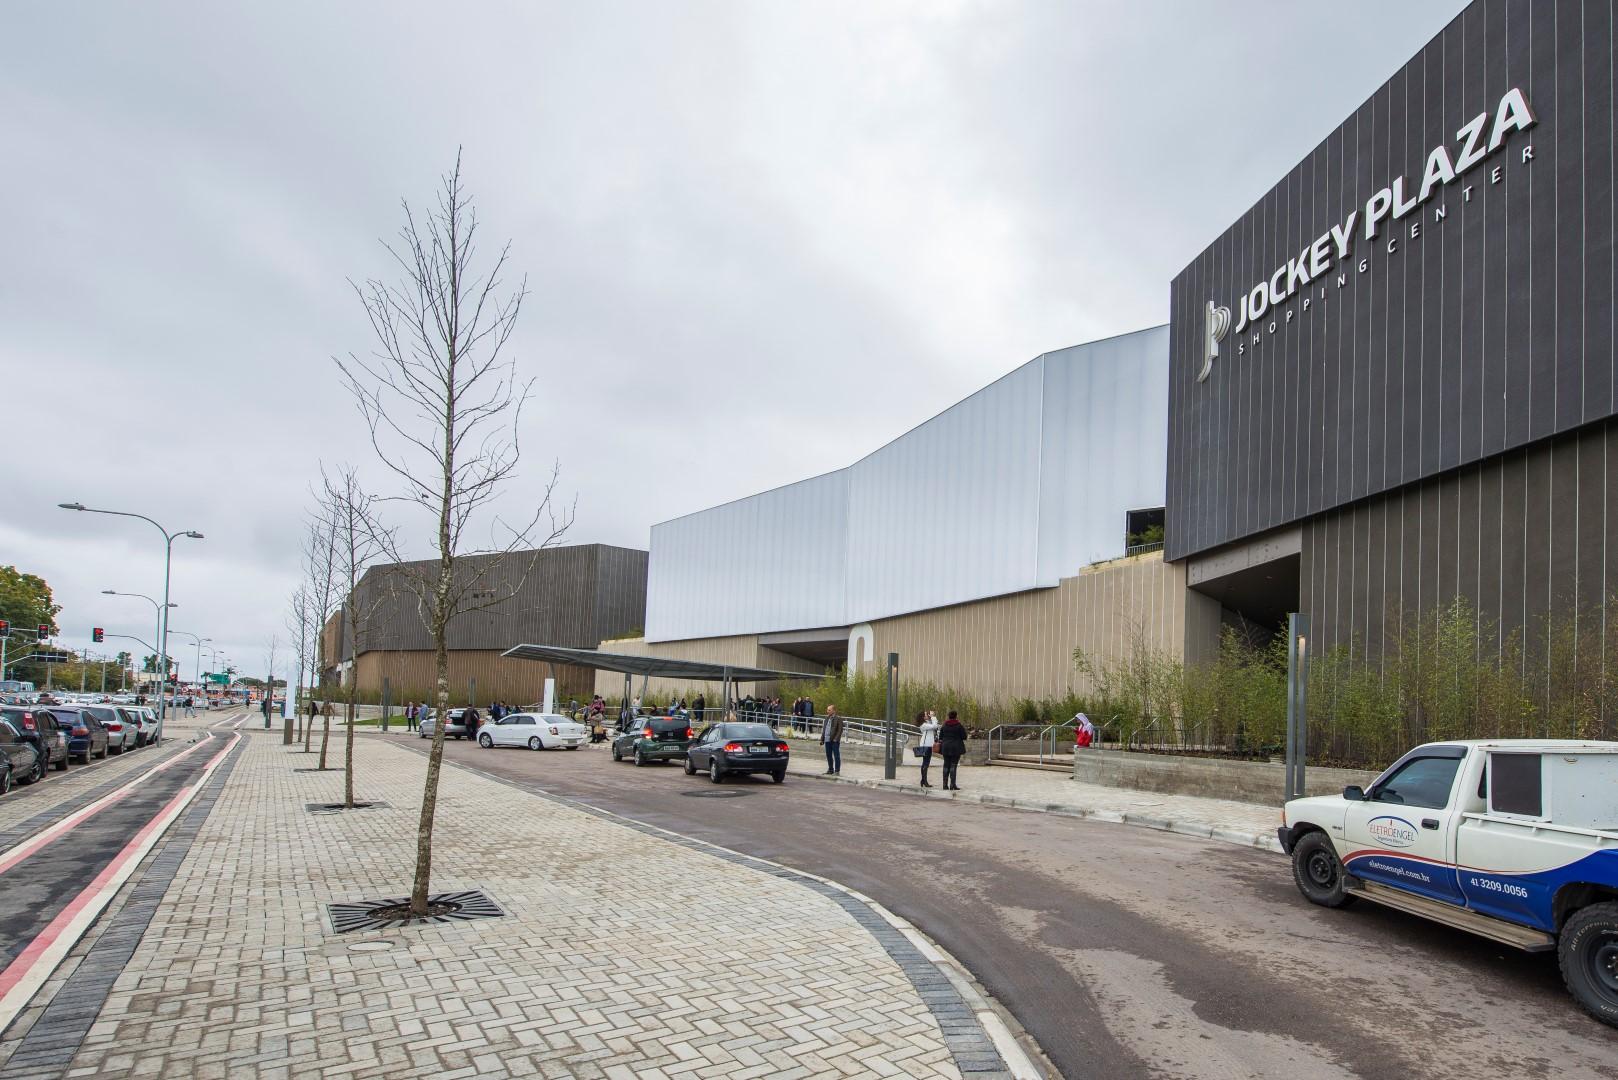 Fachada do Jockey Plaza Shopping equilibra materiais e elementos e evidencia a arquitetura contemporânea do espaço. Foto: Letícia Akemi / Gazeta do Povo